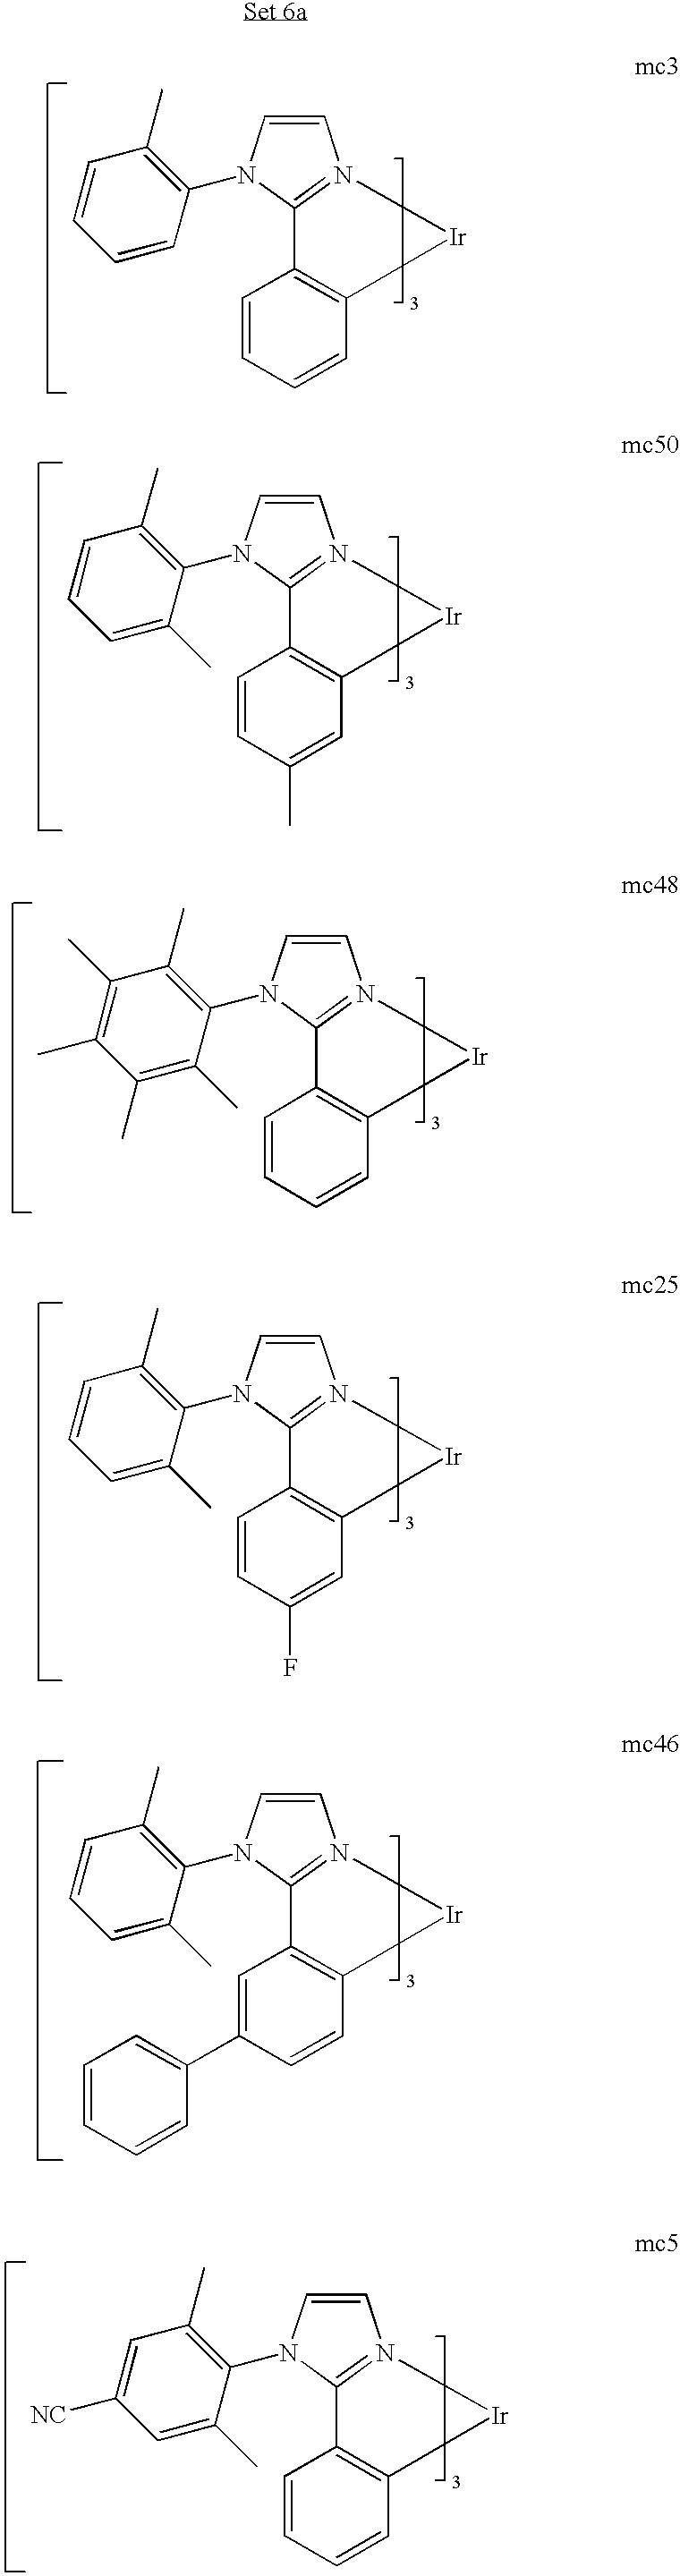 Figure US20070088167A1-20070419-C00016